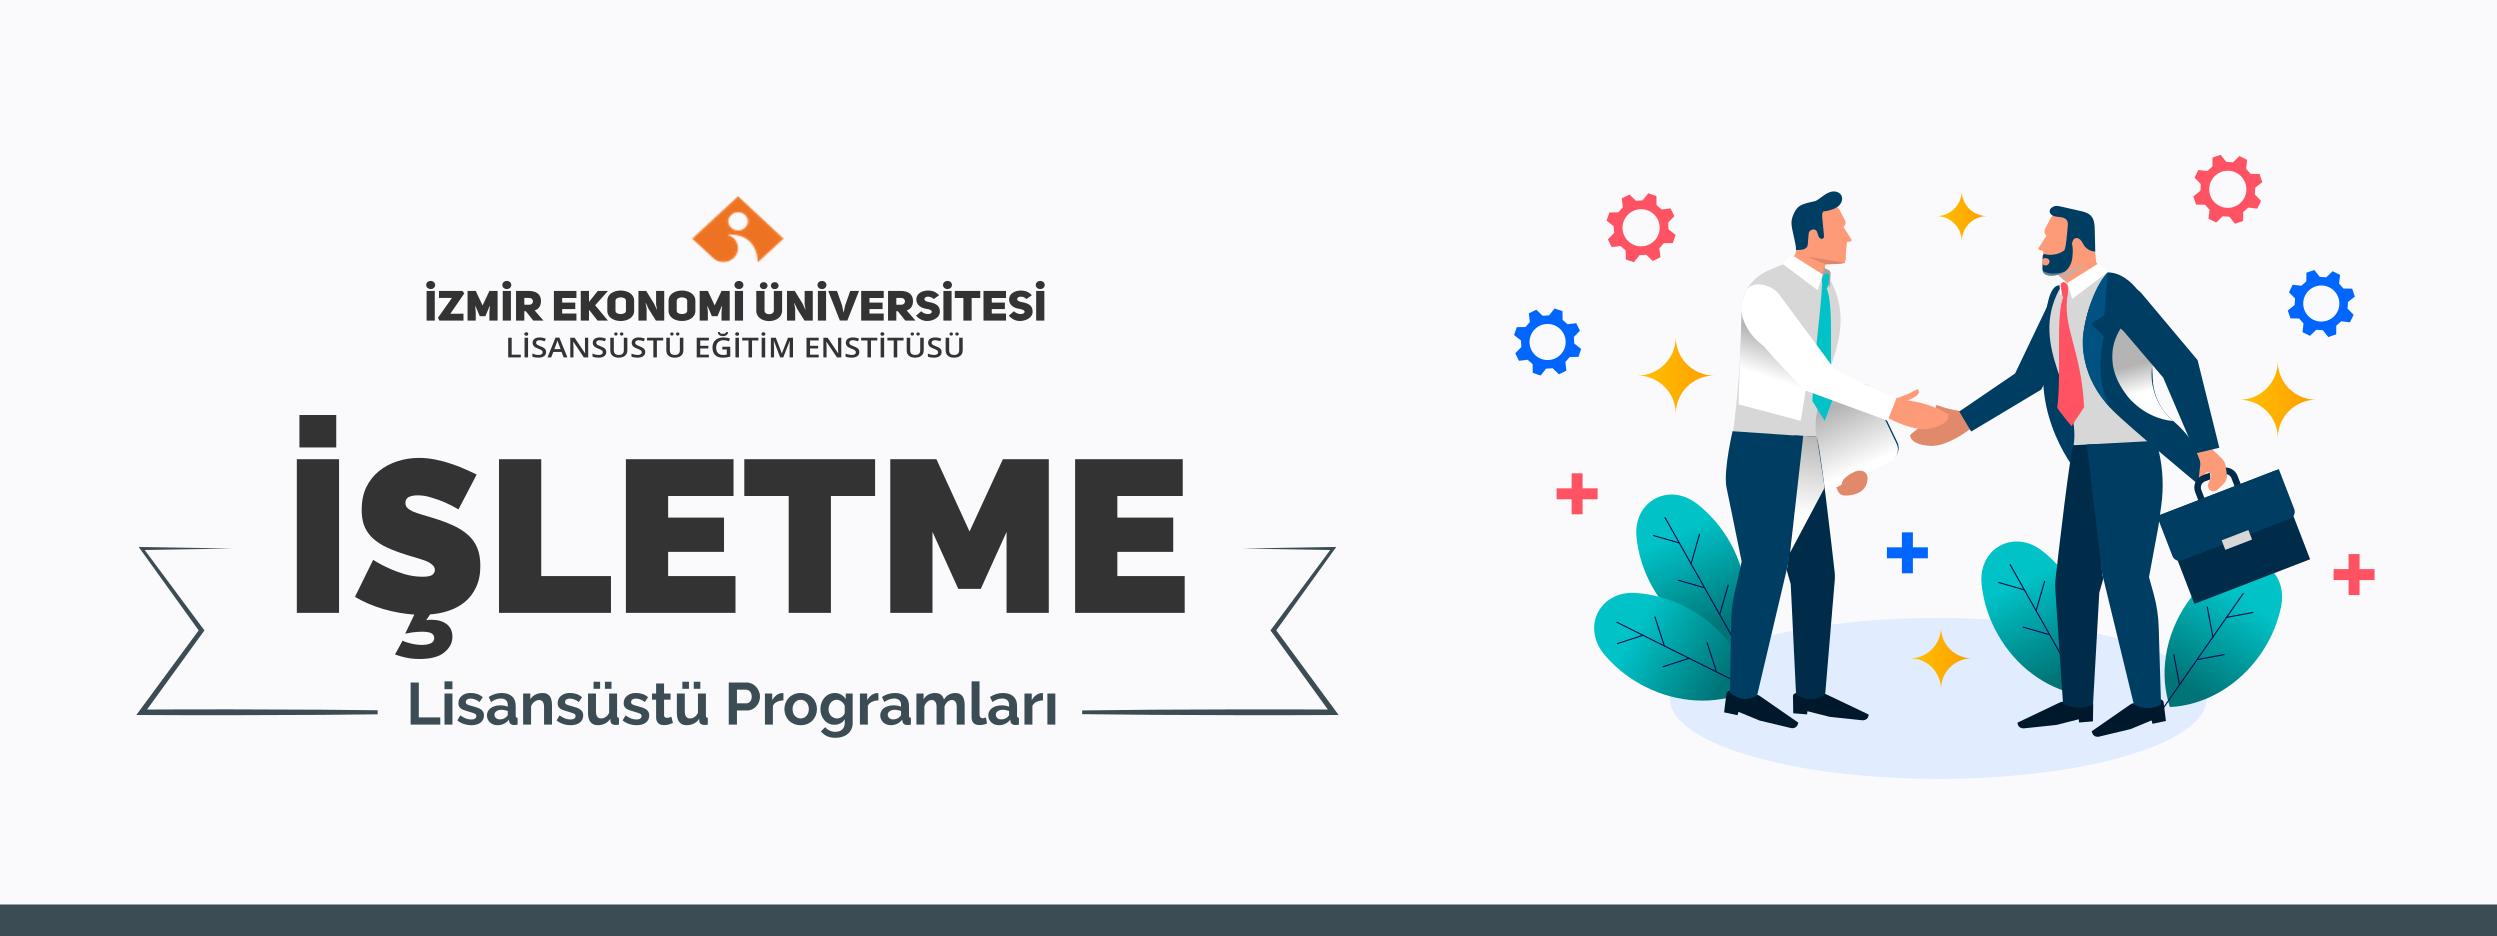 İzmir Ekonomi Üniversitesi İşletme (MBA) Bölümü Yüksek Lisans ve Doktora Programları